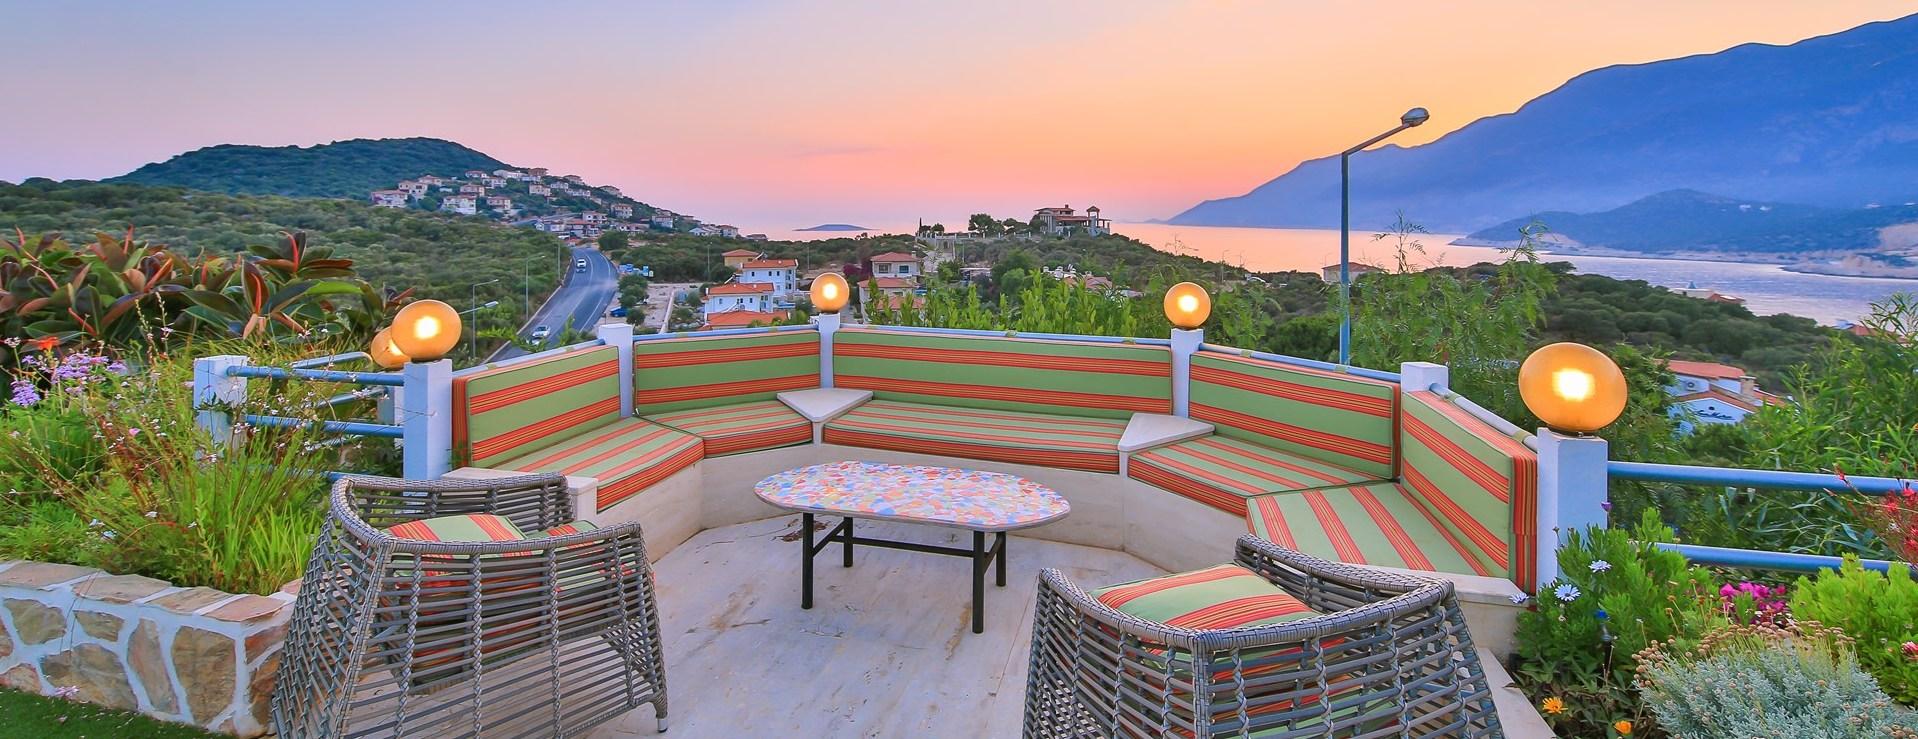 villa-kas-sunset-view-terrace